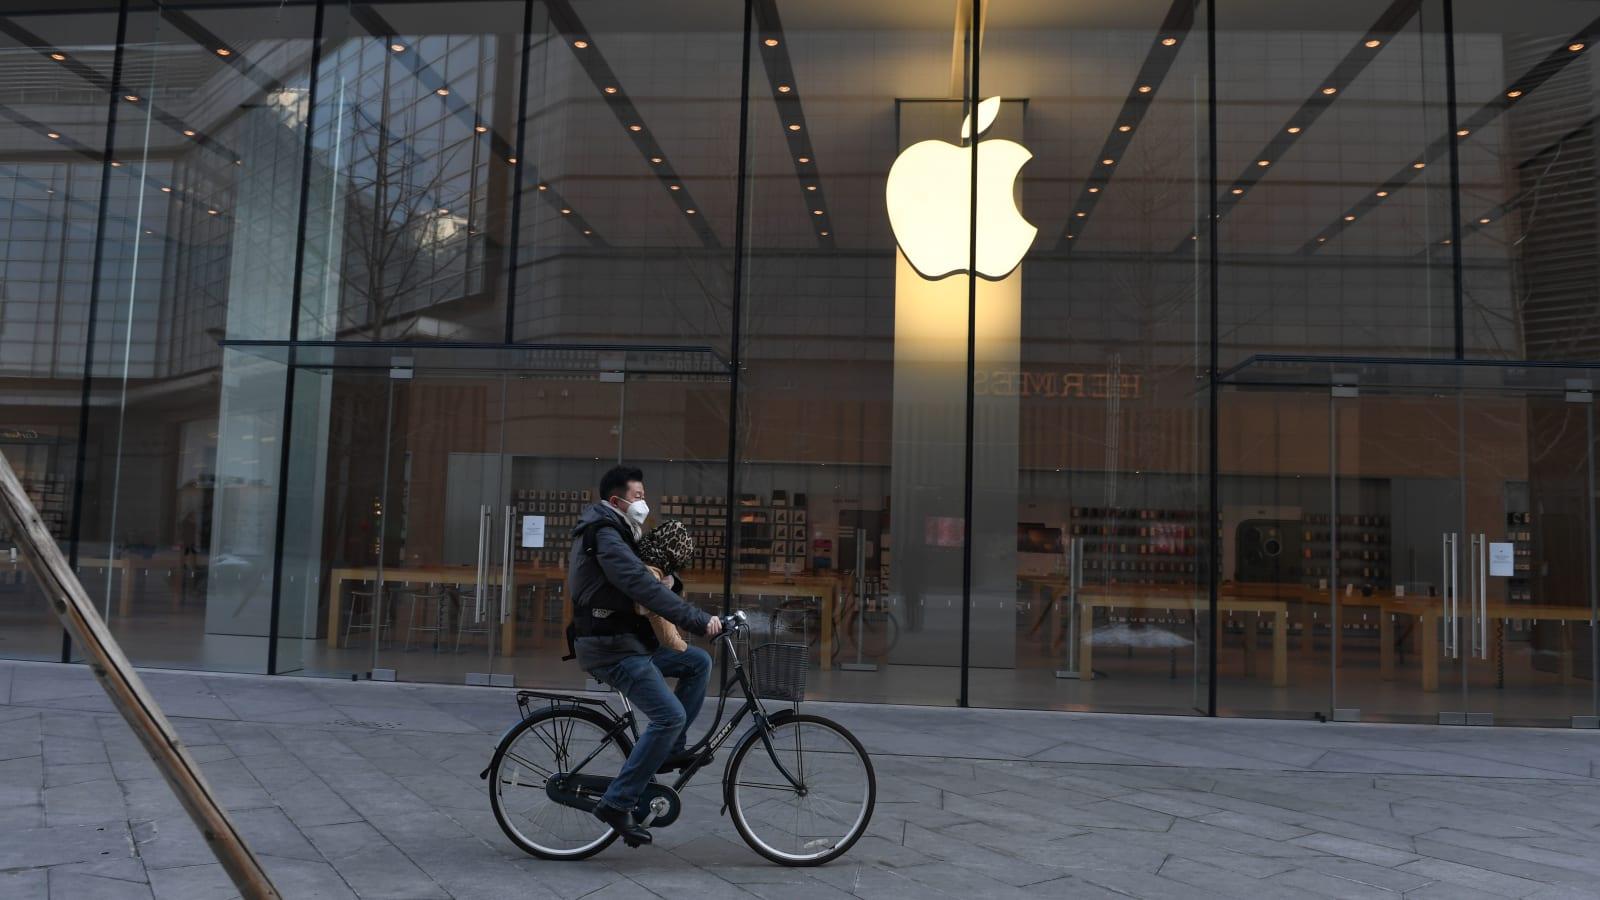 Doanh số bán hàng của Apple tăng vọt sau dịch tại Trung Quốc - Ảnh 2.